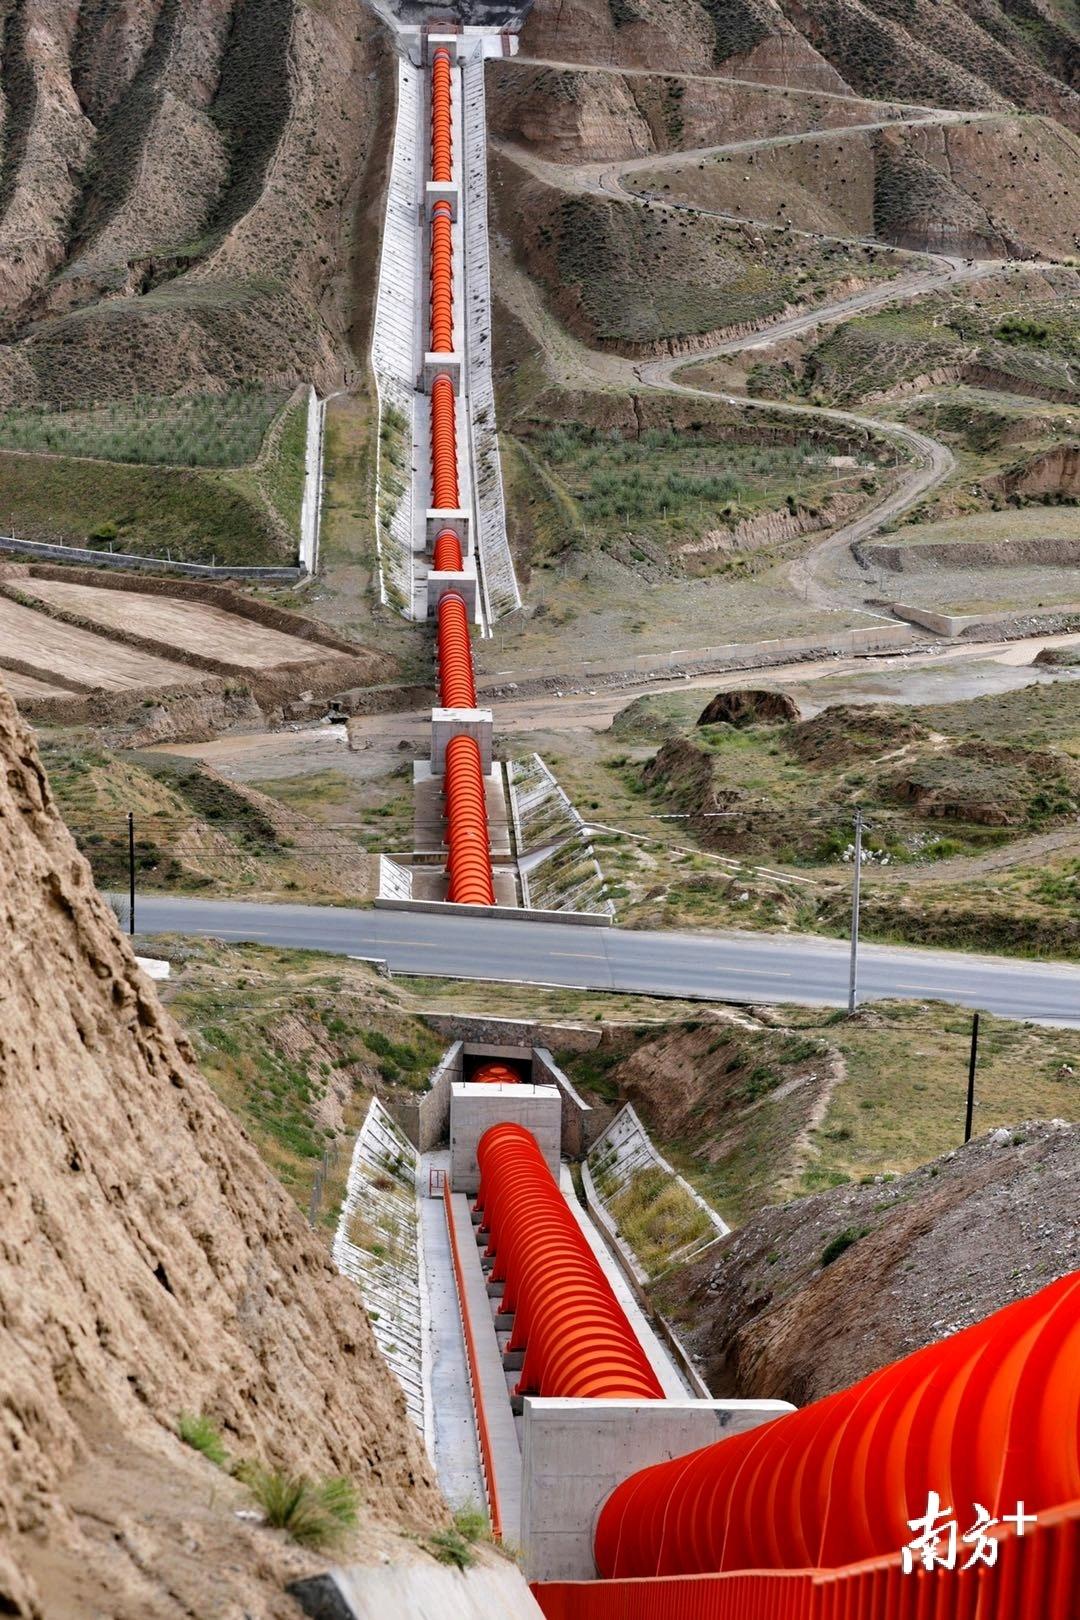 2号倒虹吸管径2.4米,是目前青海省内单管口径最大的倒虹吸。